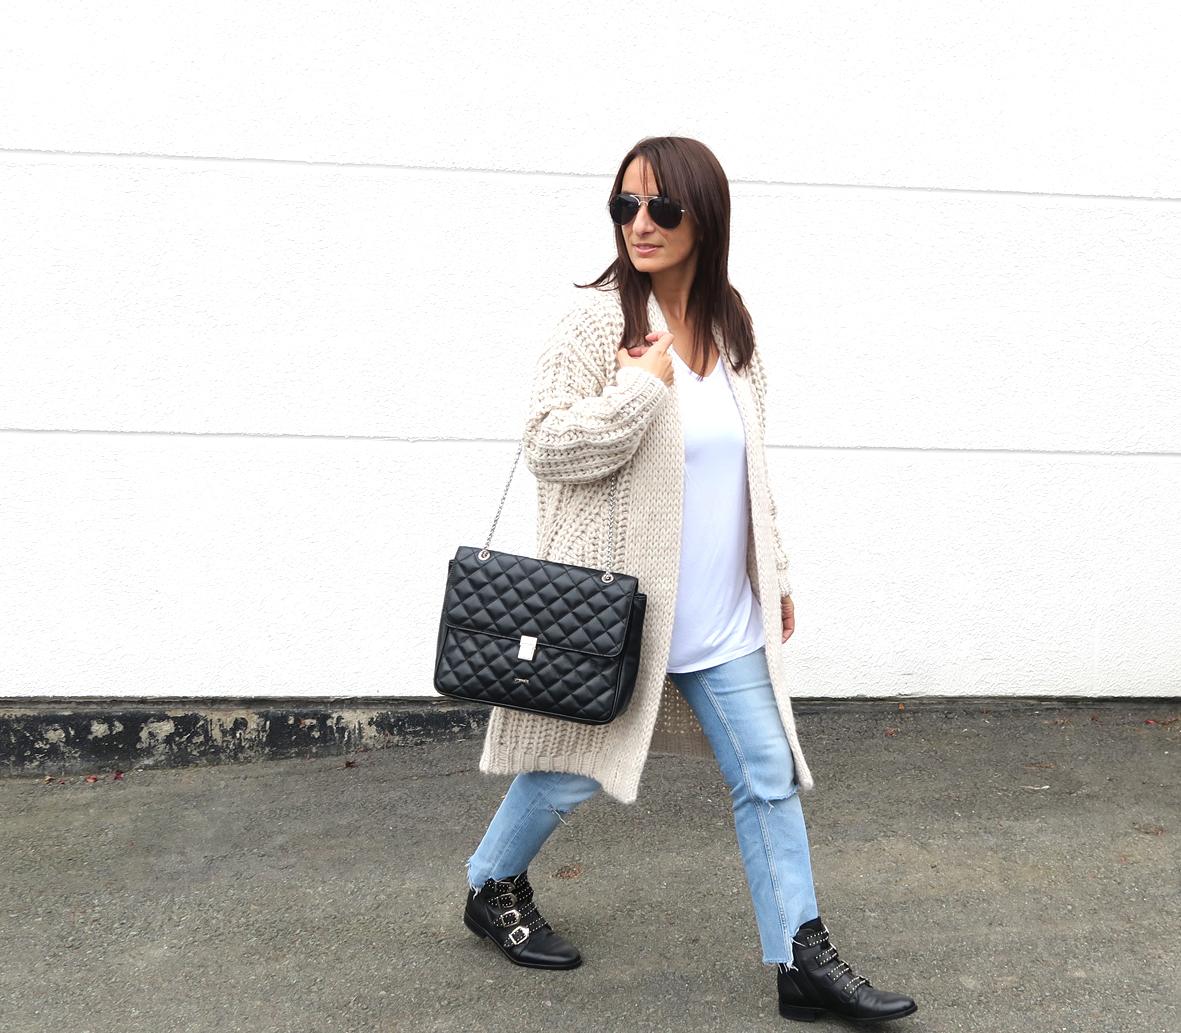 nieten-boots-herbstlook-streetstyle-autumn-blogger-fashion-outfit-zara-8